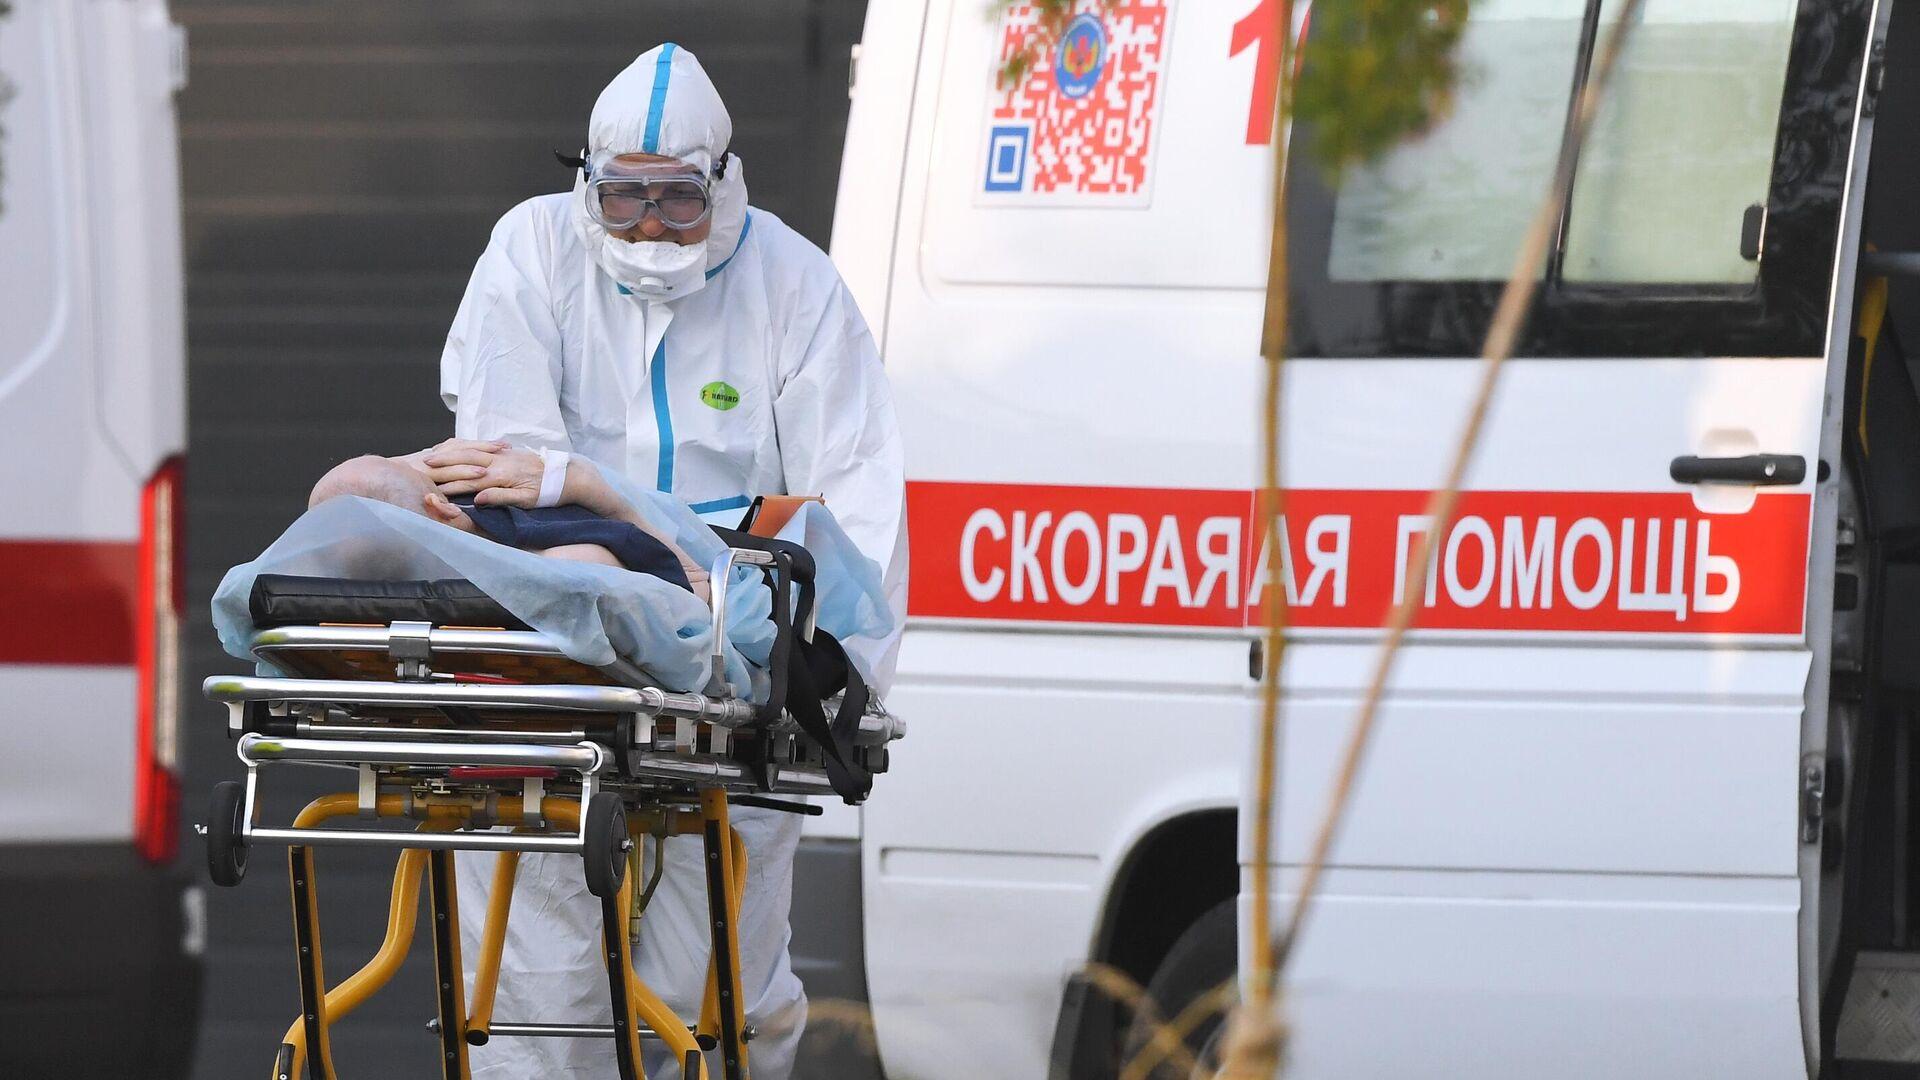 Бригада скорой медицинской помощи доставила пациента в карантинный центр в Коммунарке - РИА Новости, 1920, 20.06.2021